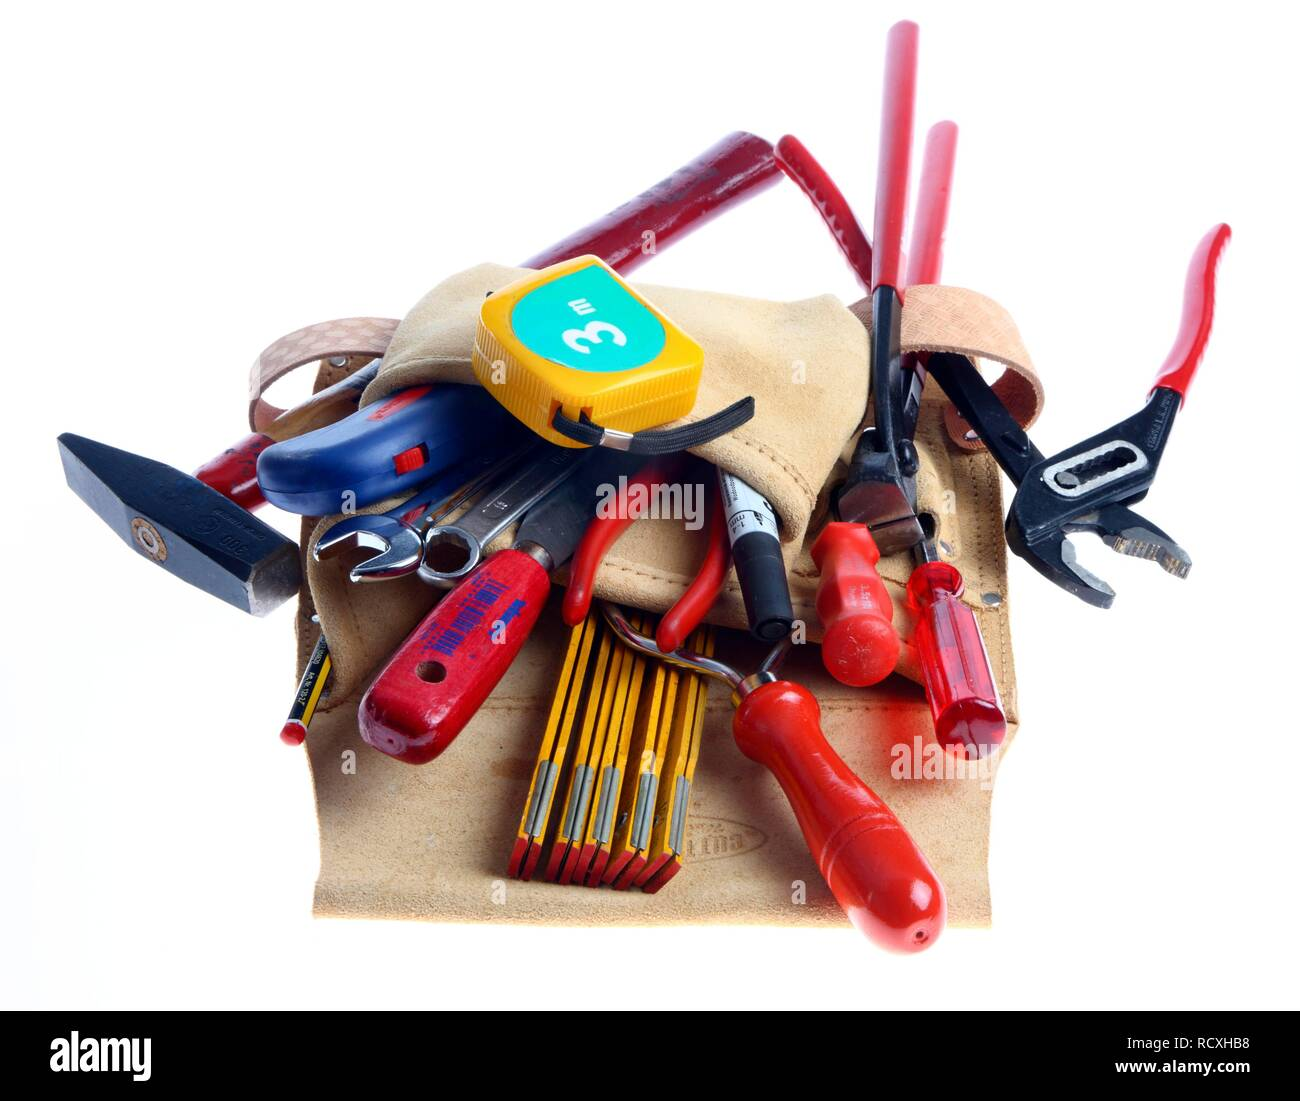 Cuero cinturón de herramientas con diferentes herramientas Imagen De Stock ca4dc35891bd